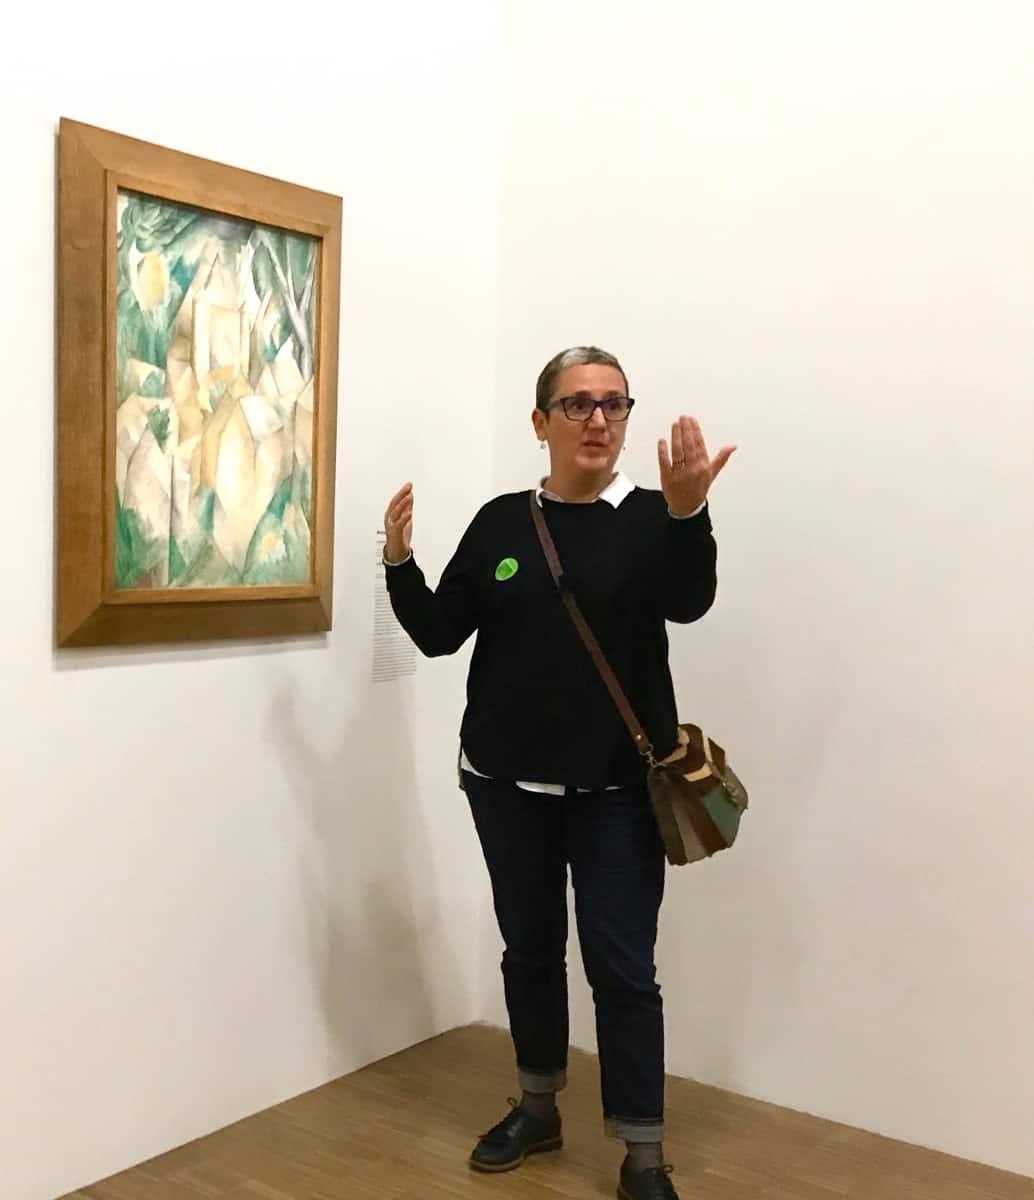 Les visites de Marta, exposition Le Cubisme, Centre Pompidou, Paris